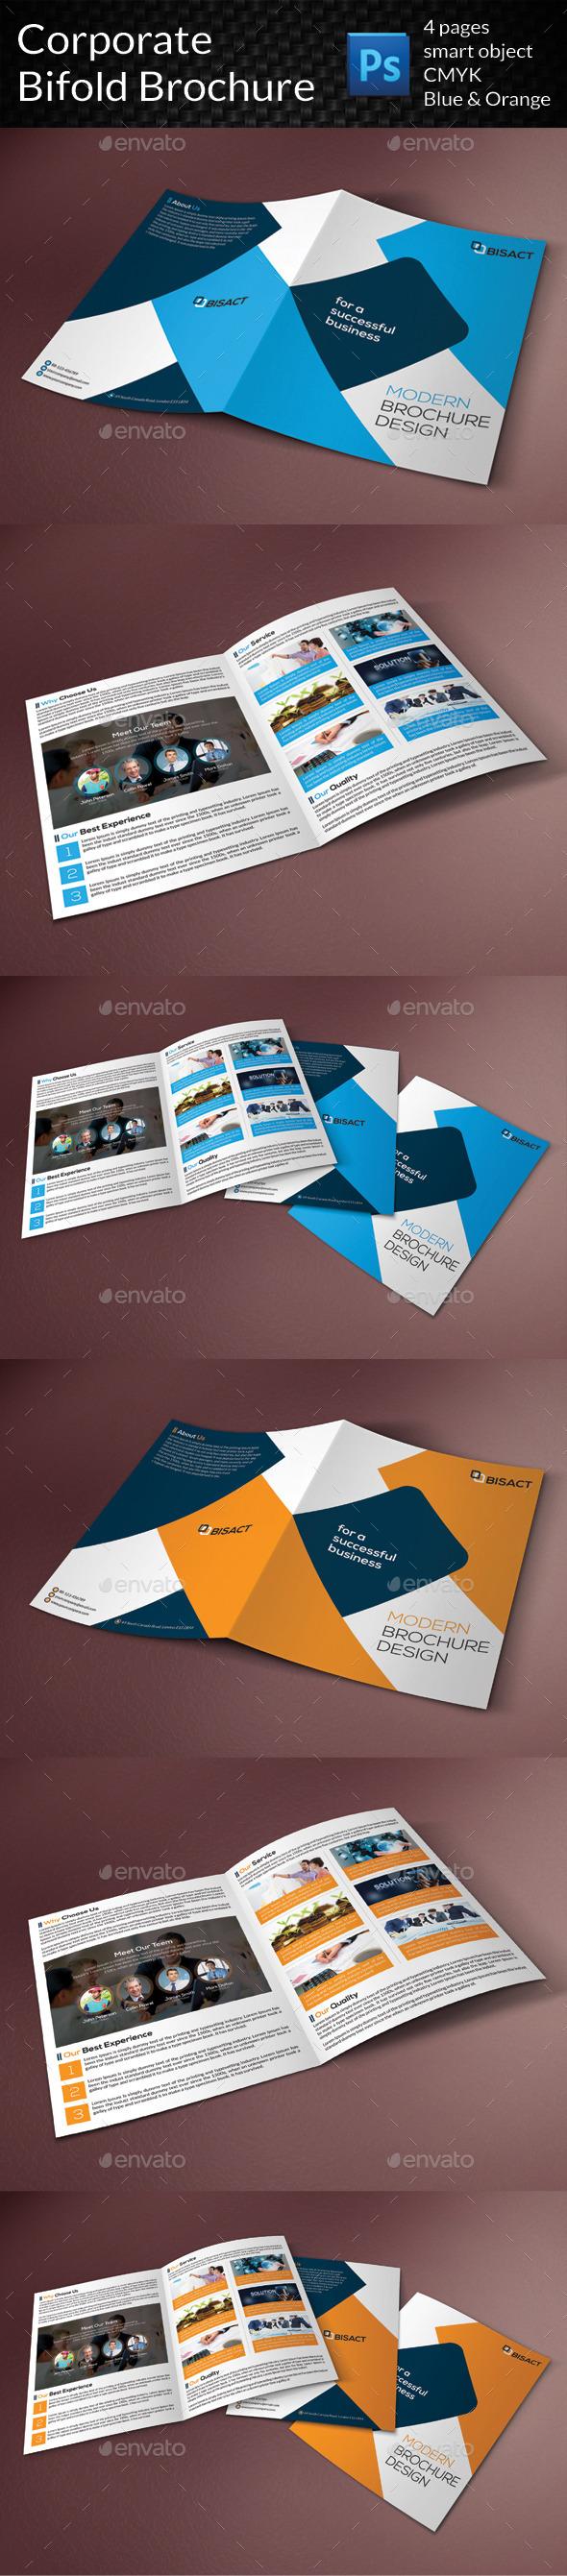 GraphicRiver Corporate Bifold Brochure 9323924